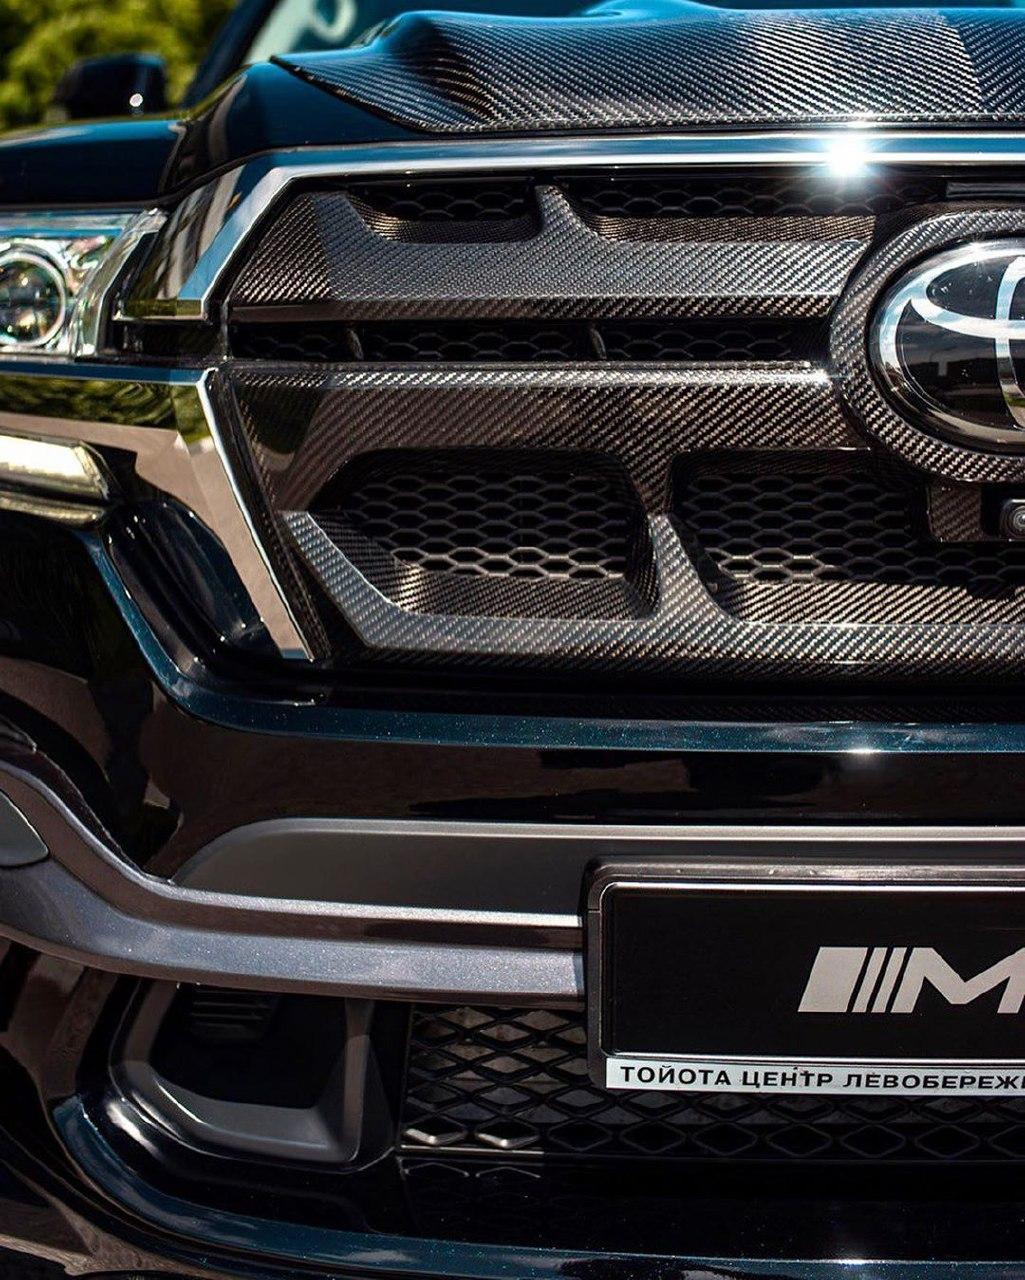 MTR Design Body Kit for Toyota Land Cruiser 200 carbon fiber